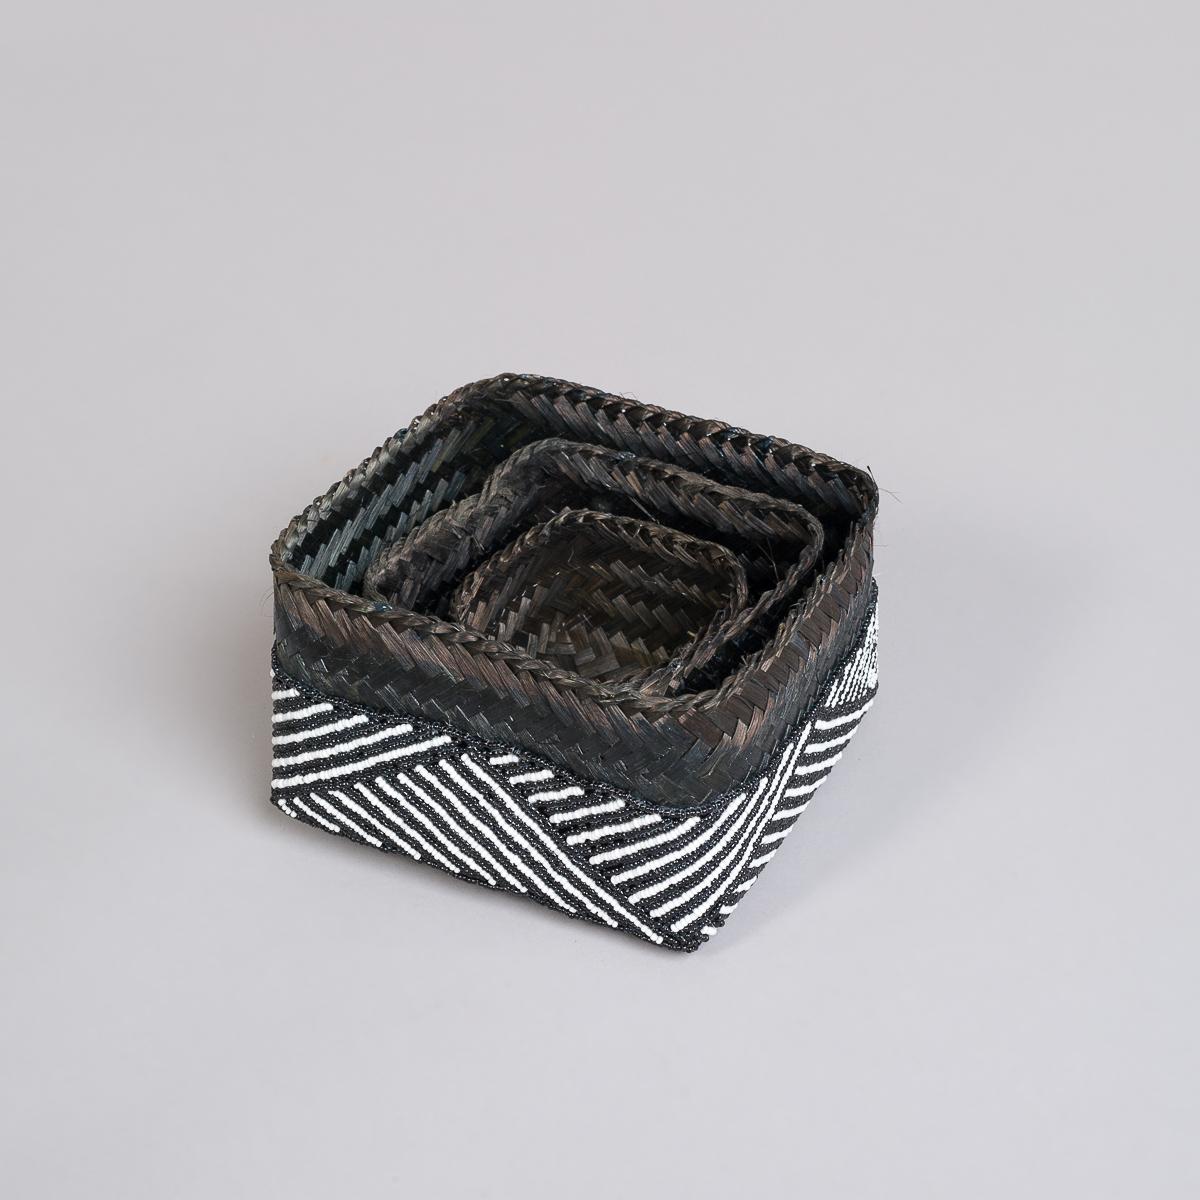 Boks Sett 3 stk med perle dekorasjon-Sort og hvit-134